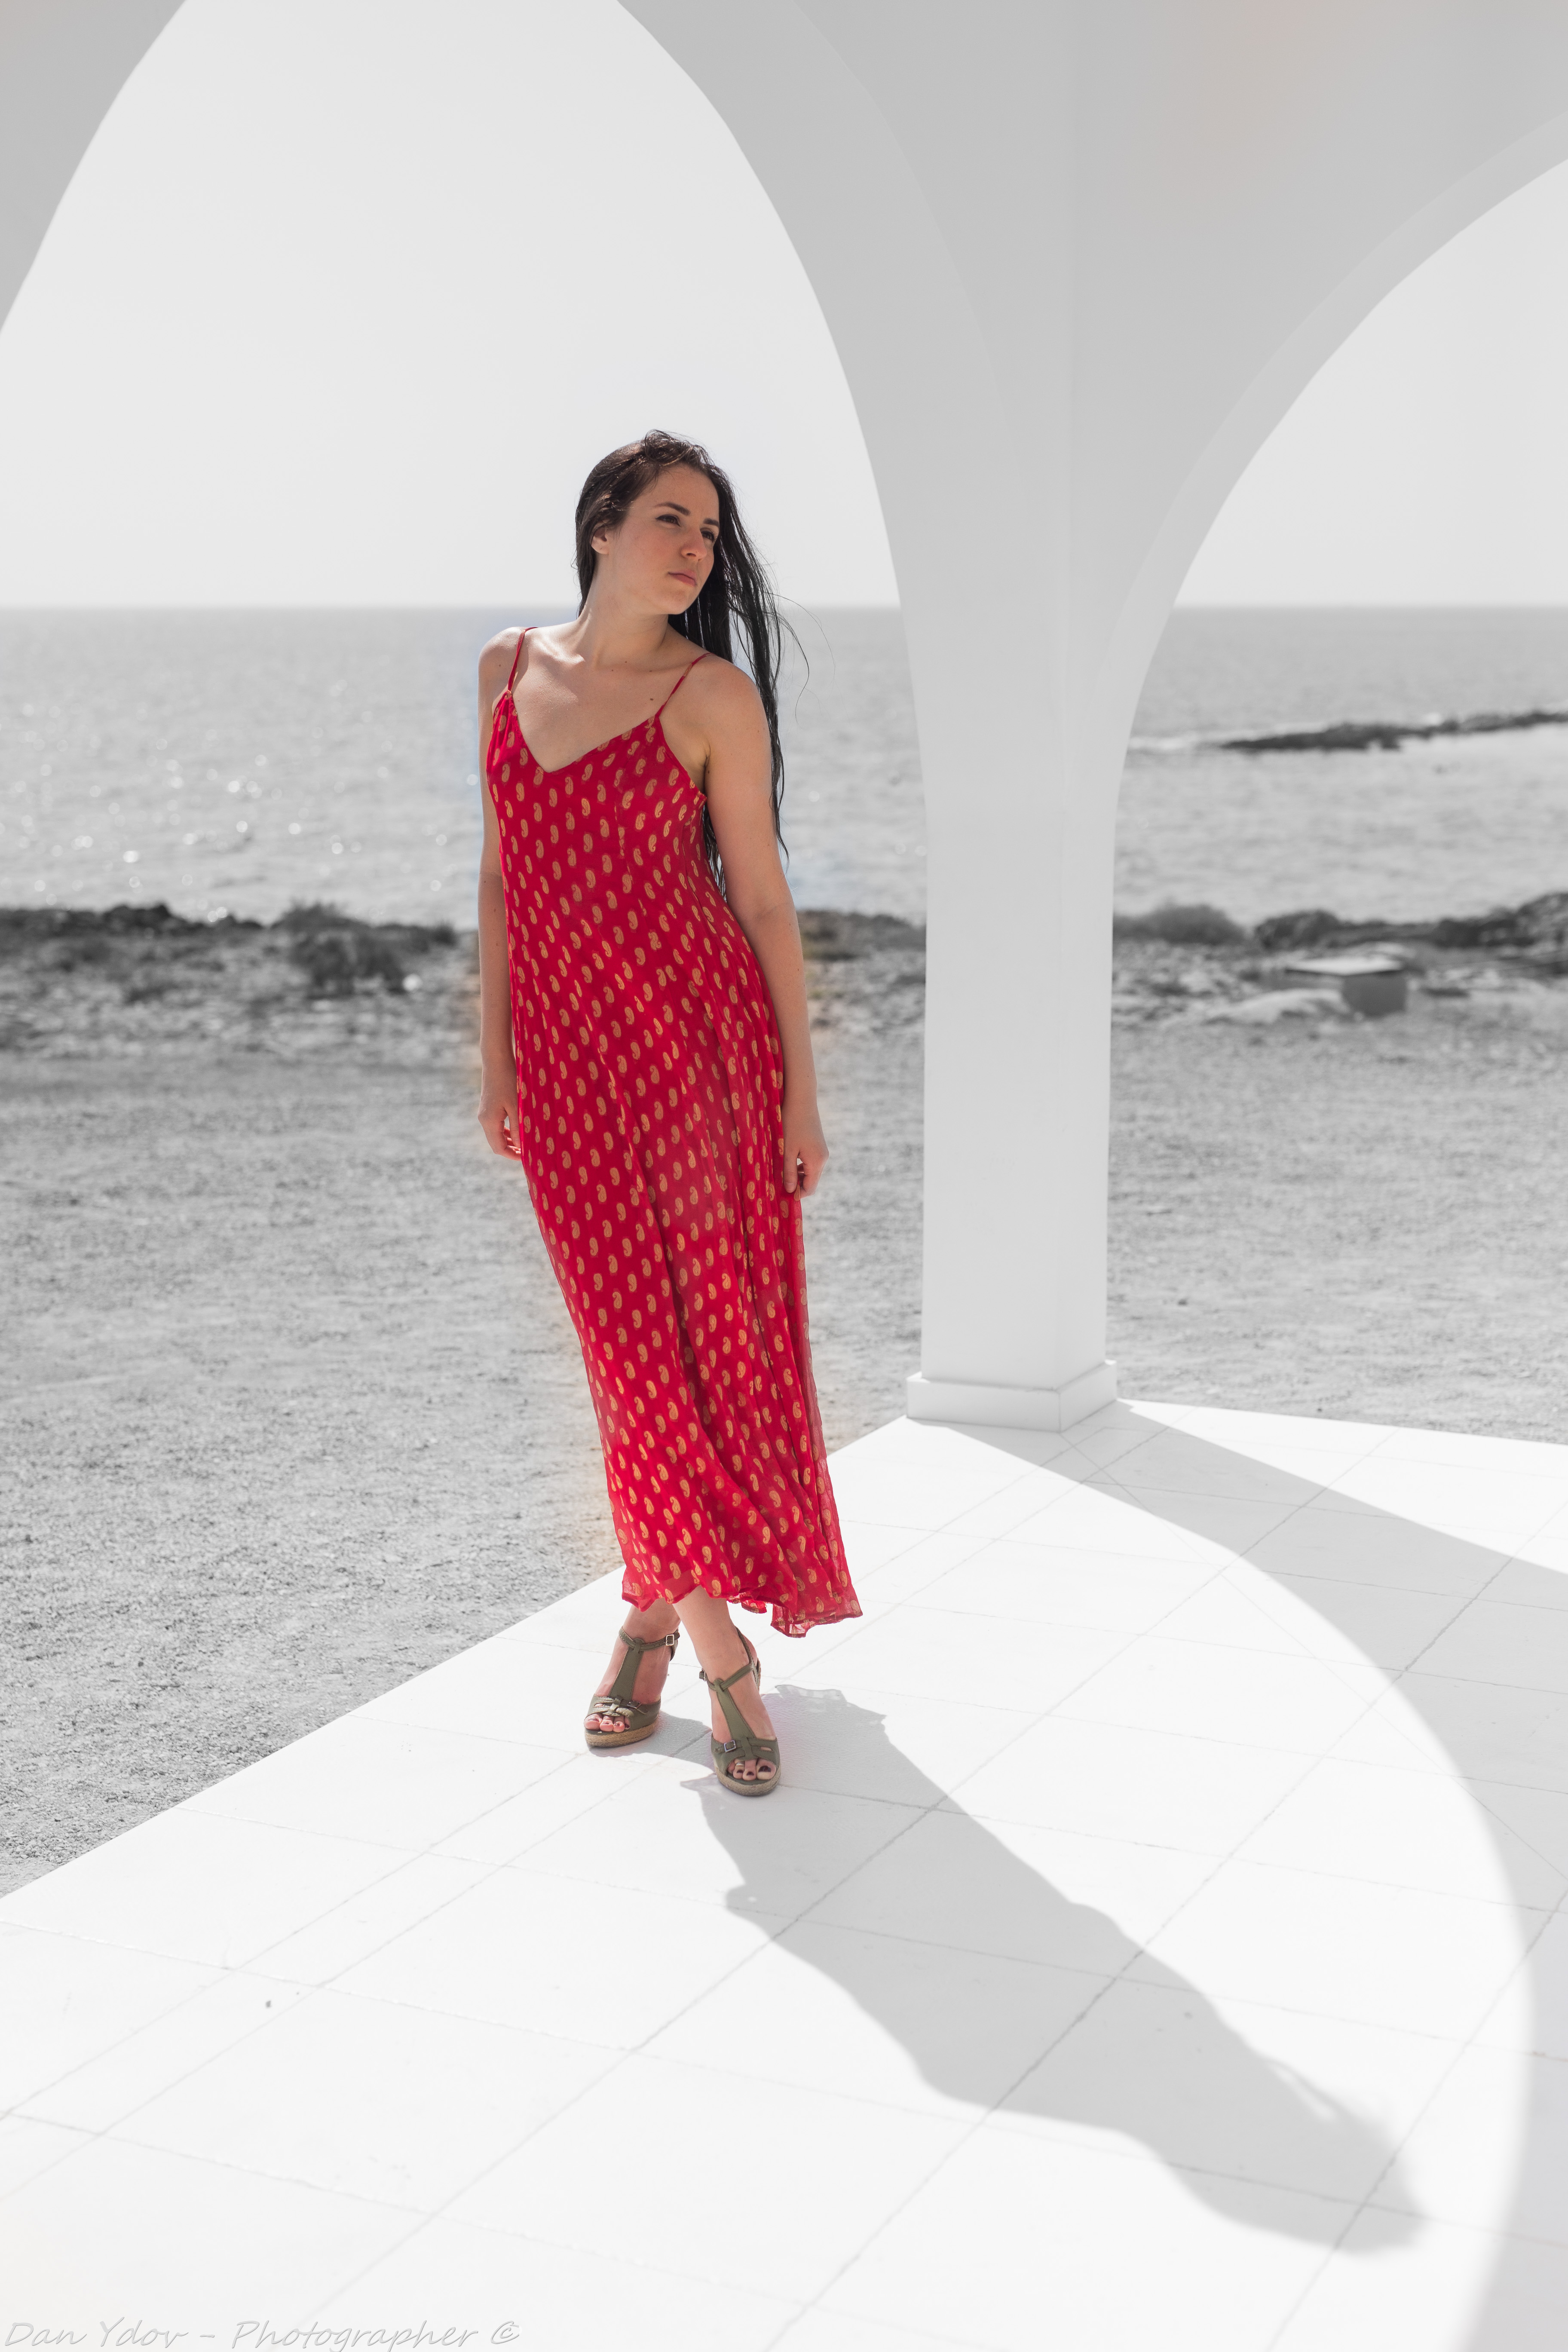 צלם פורטרט, שמלה אדומה ליד כנסיה